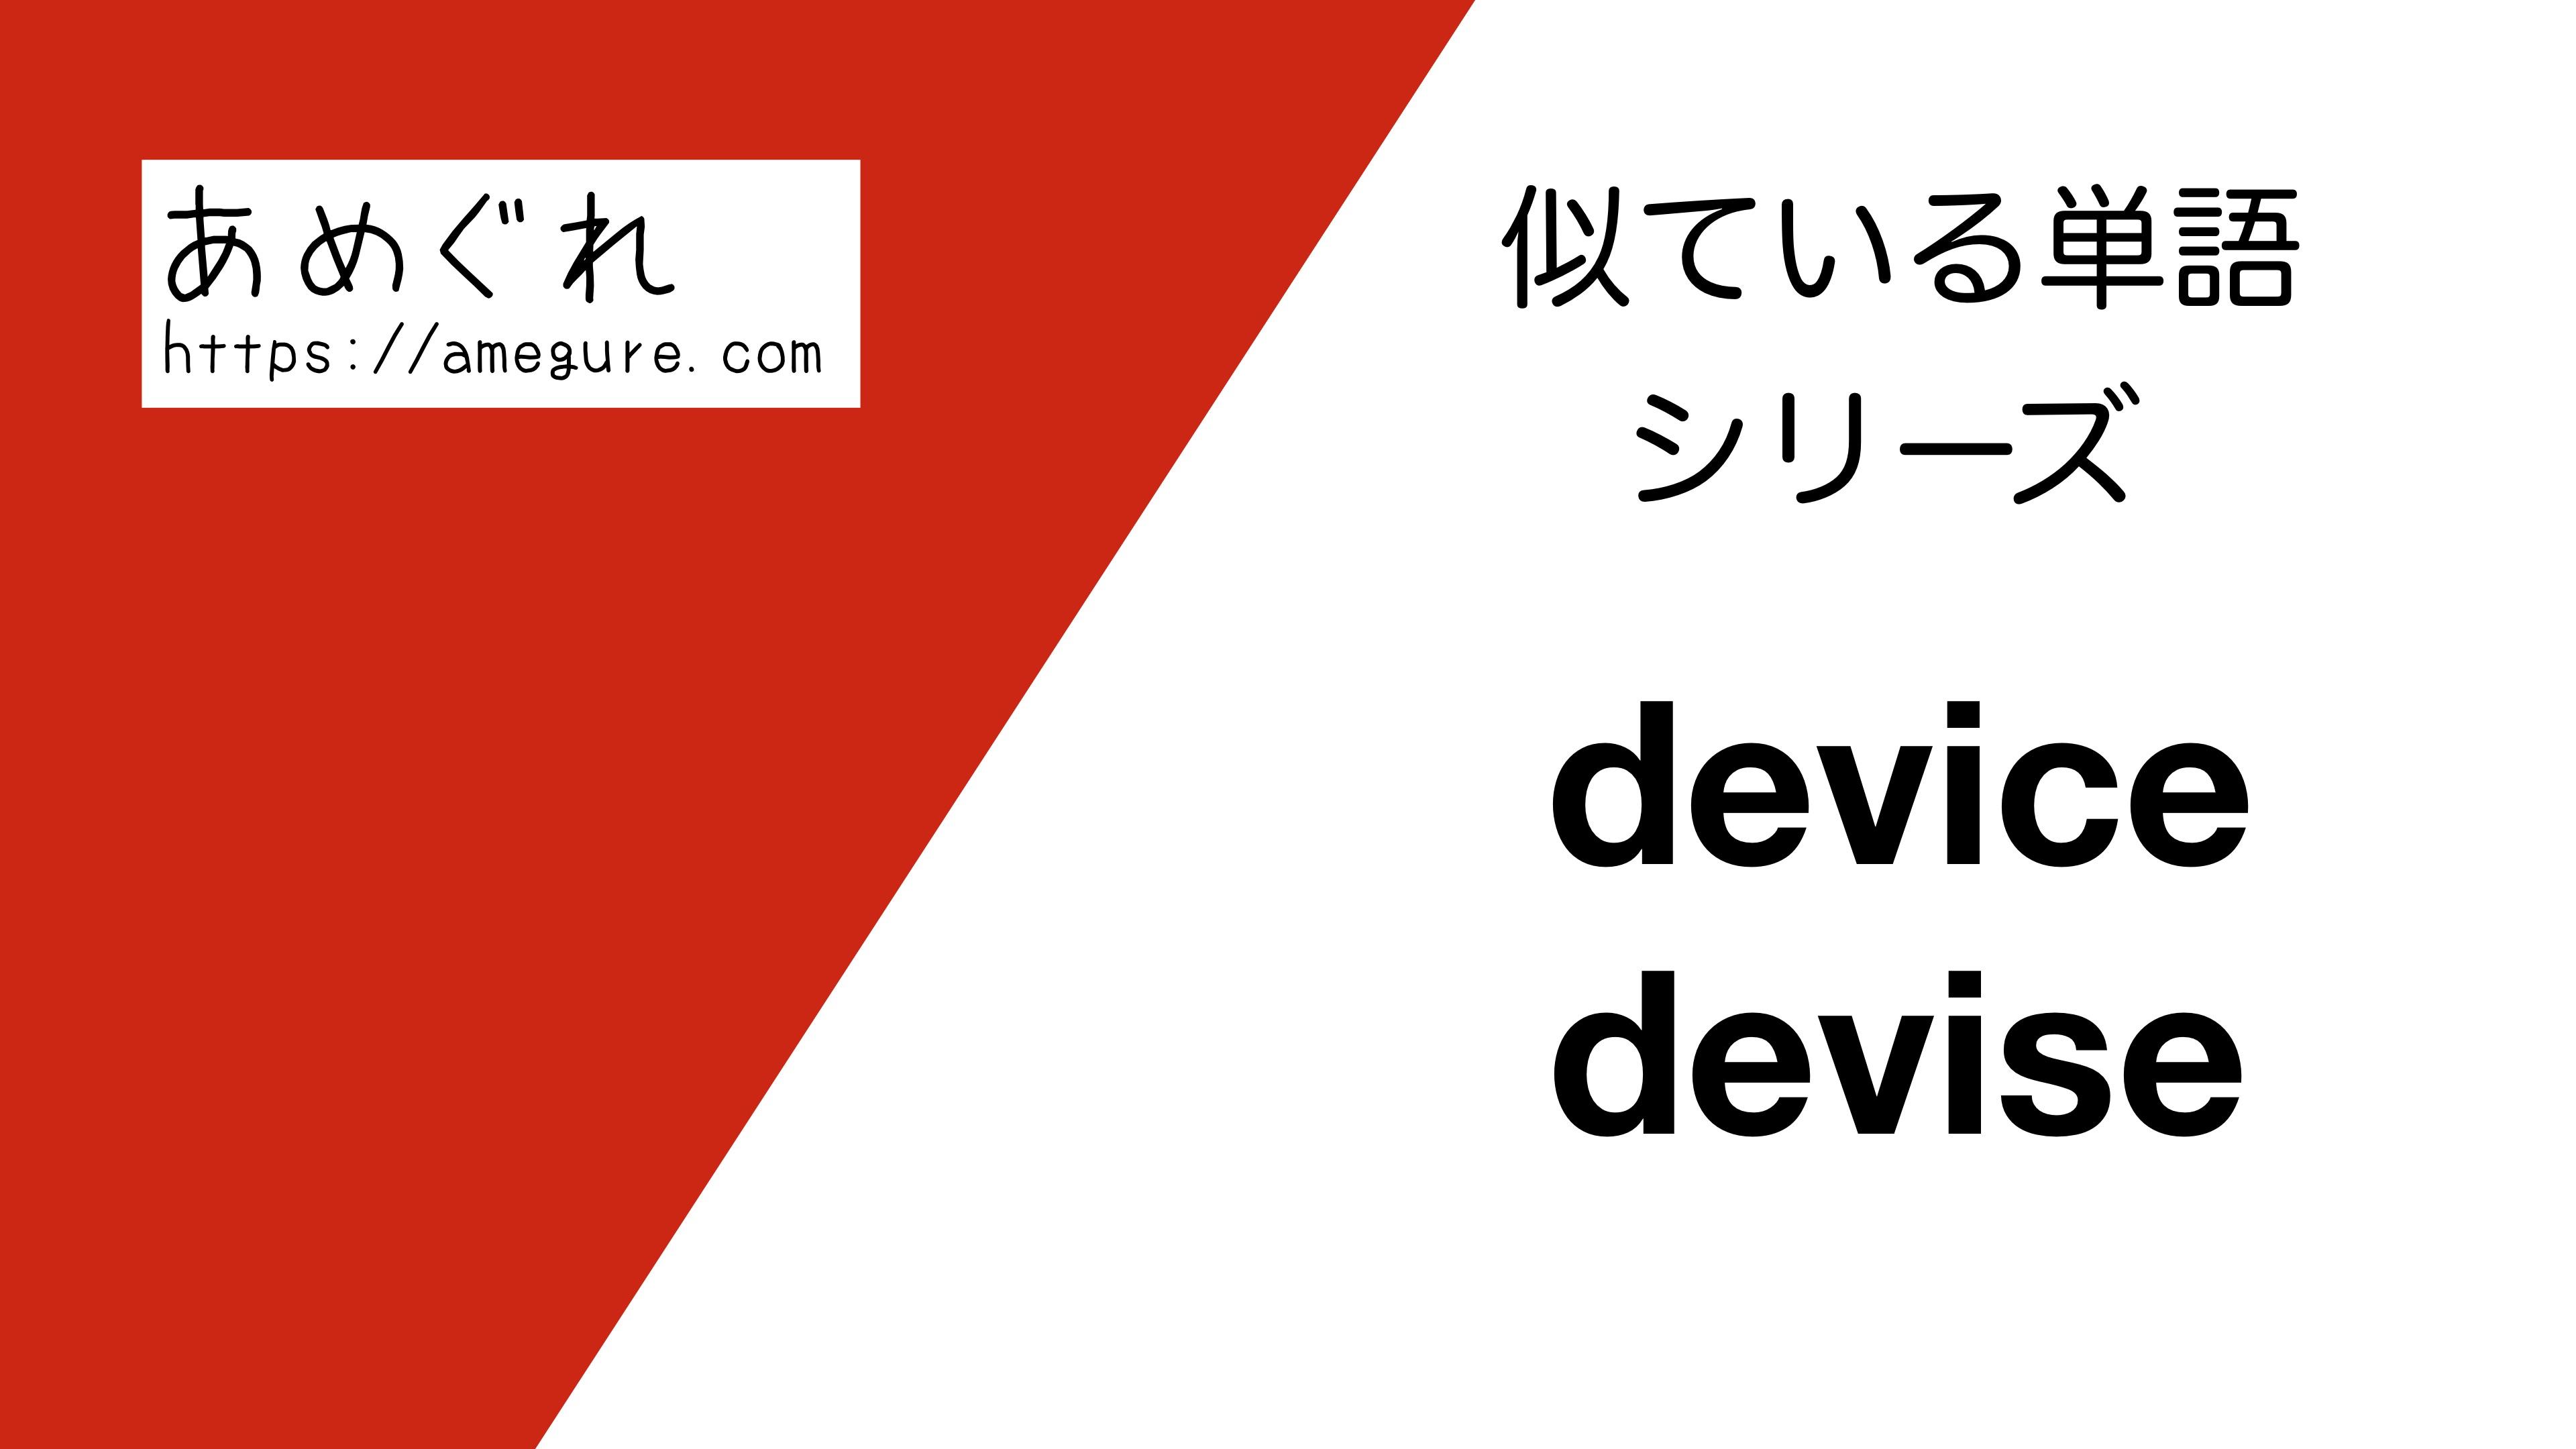 device-devise違い